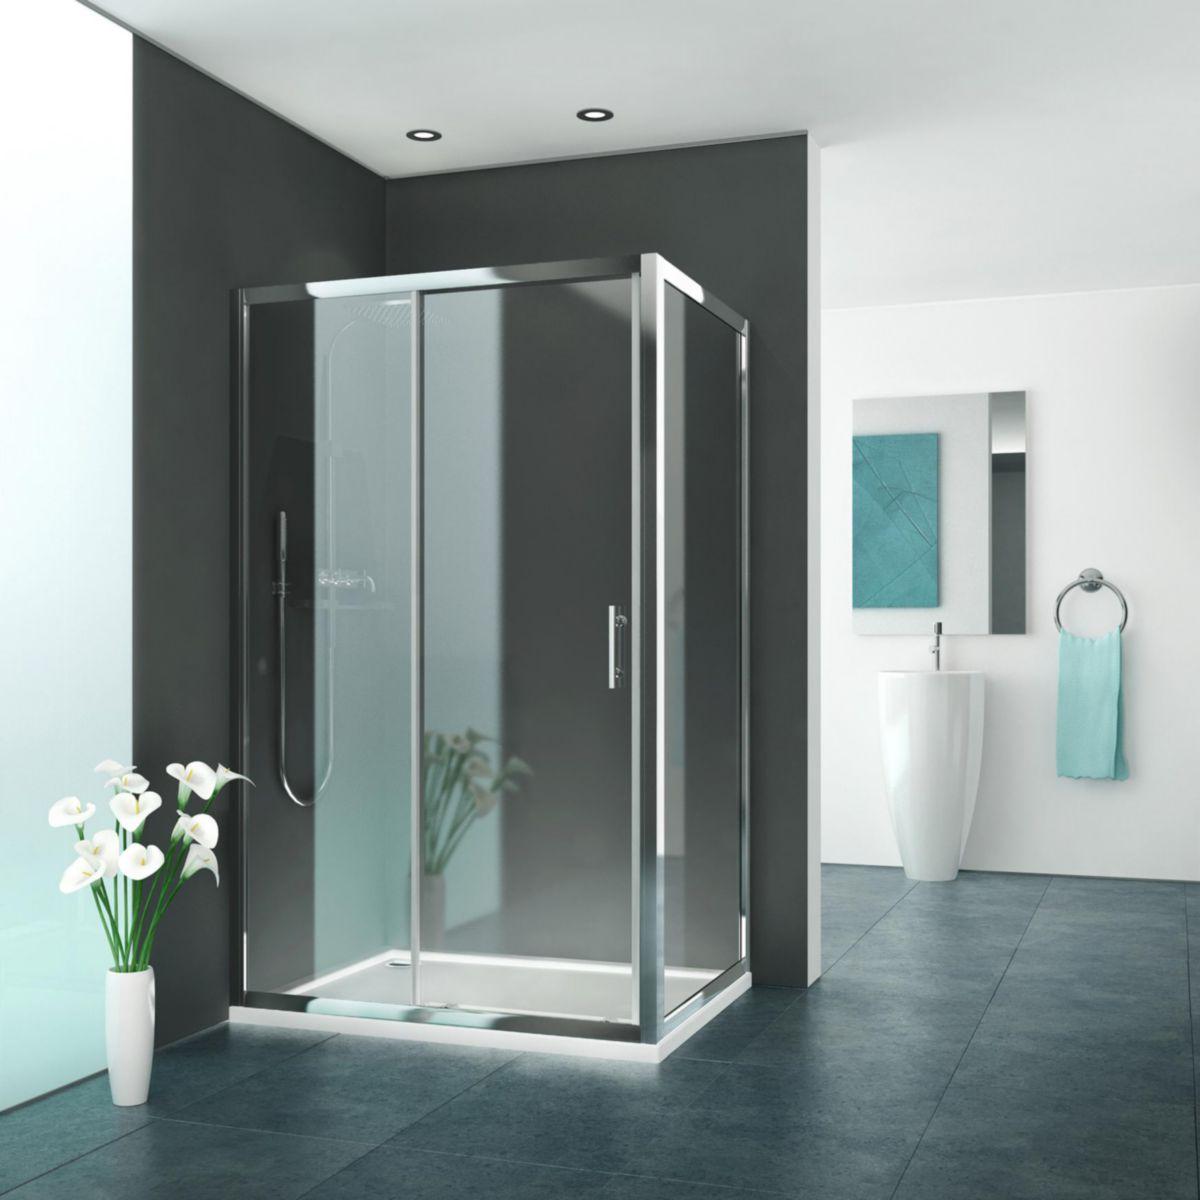 Rothalux porte de douche coulissante grande largeur 2 - Porte de douche avec paroi fixe ...